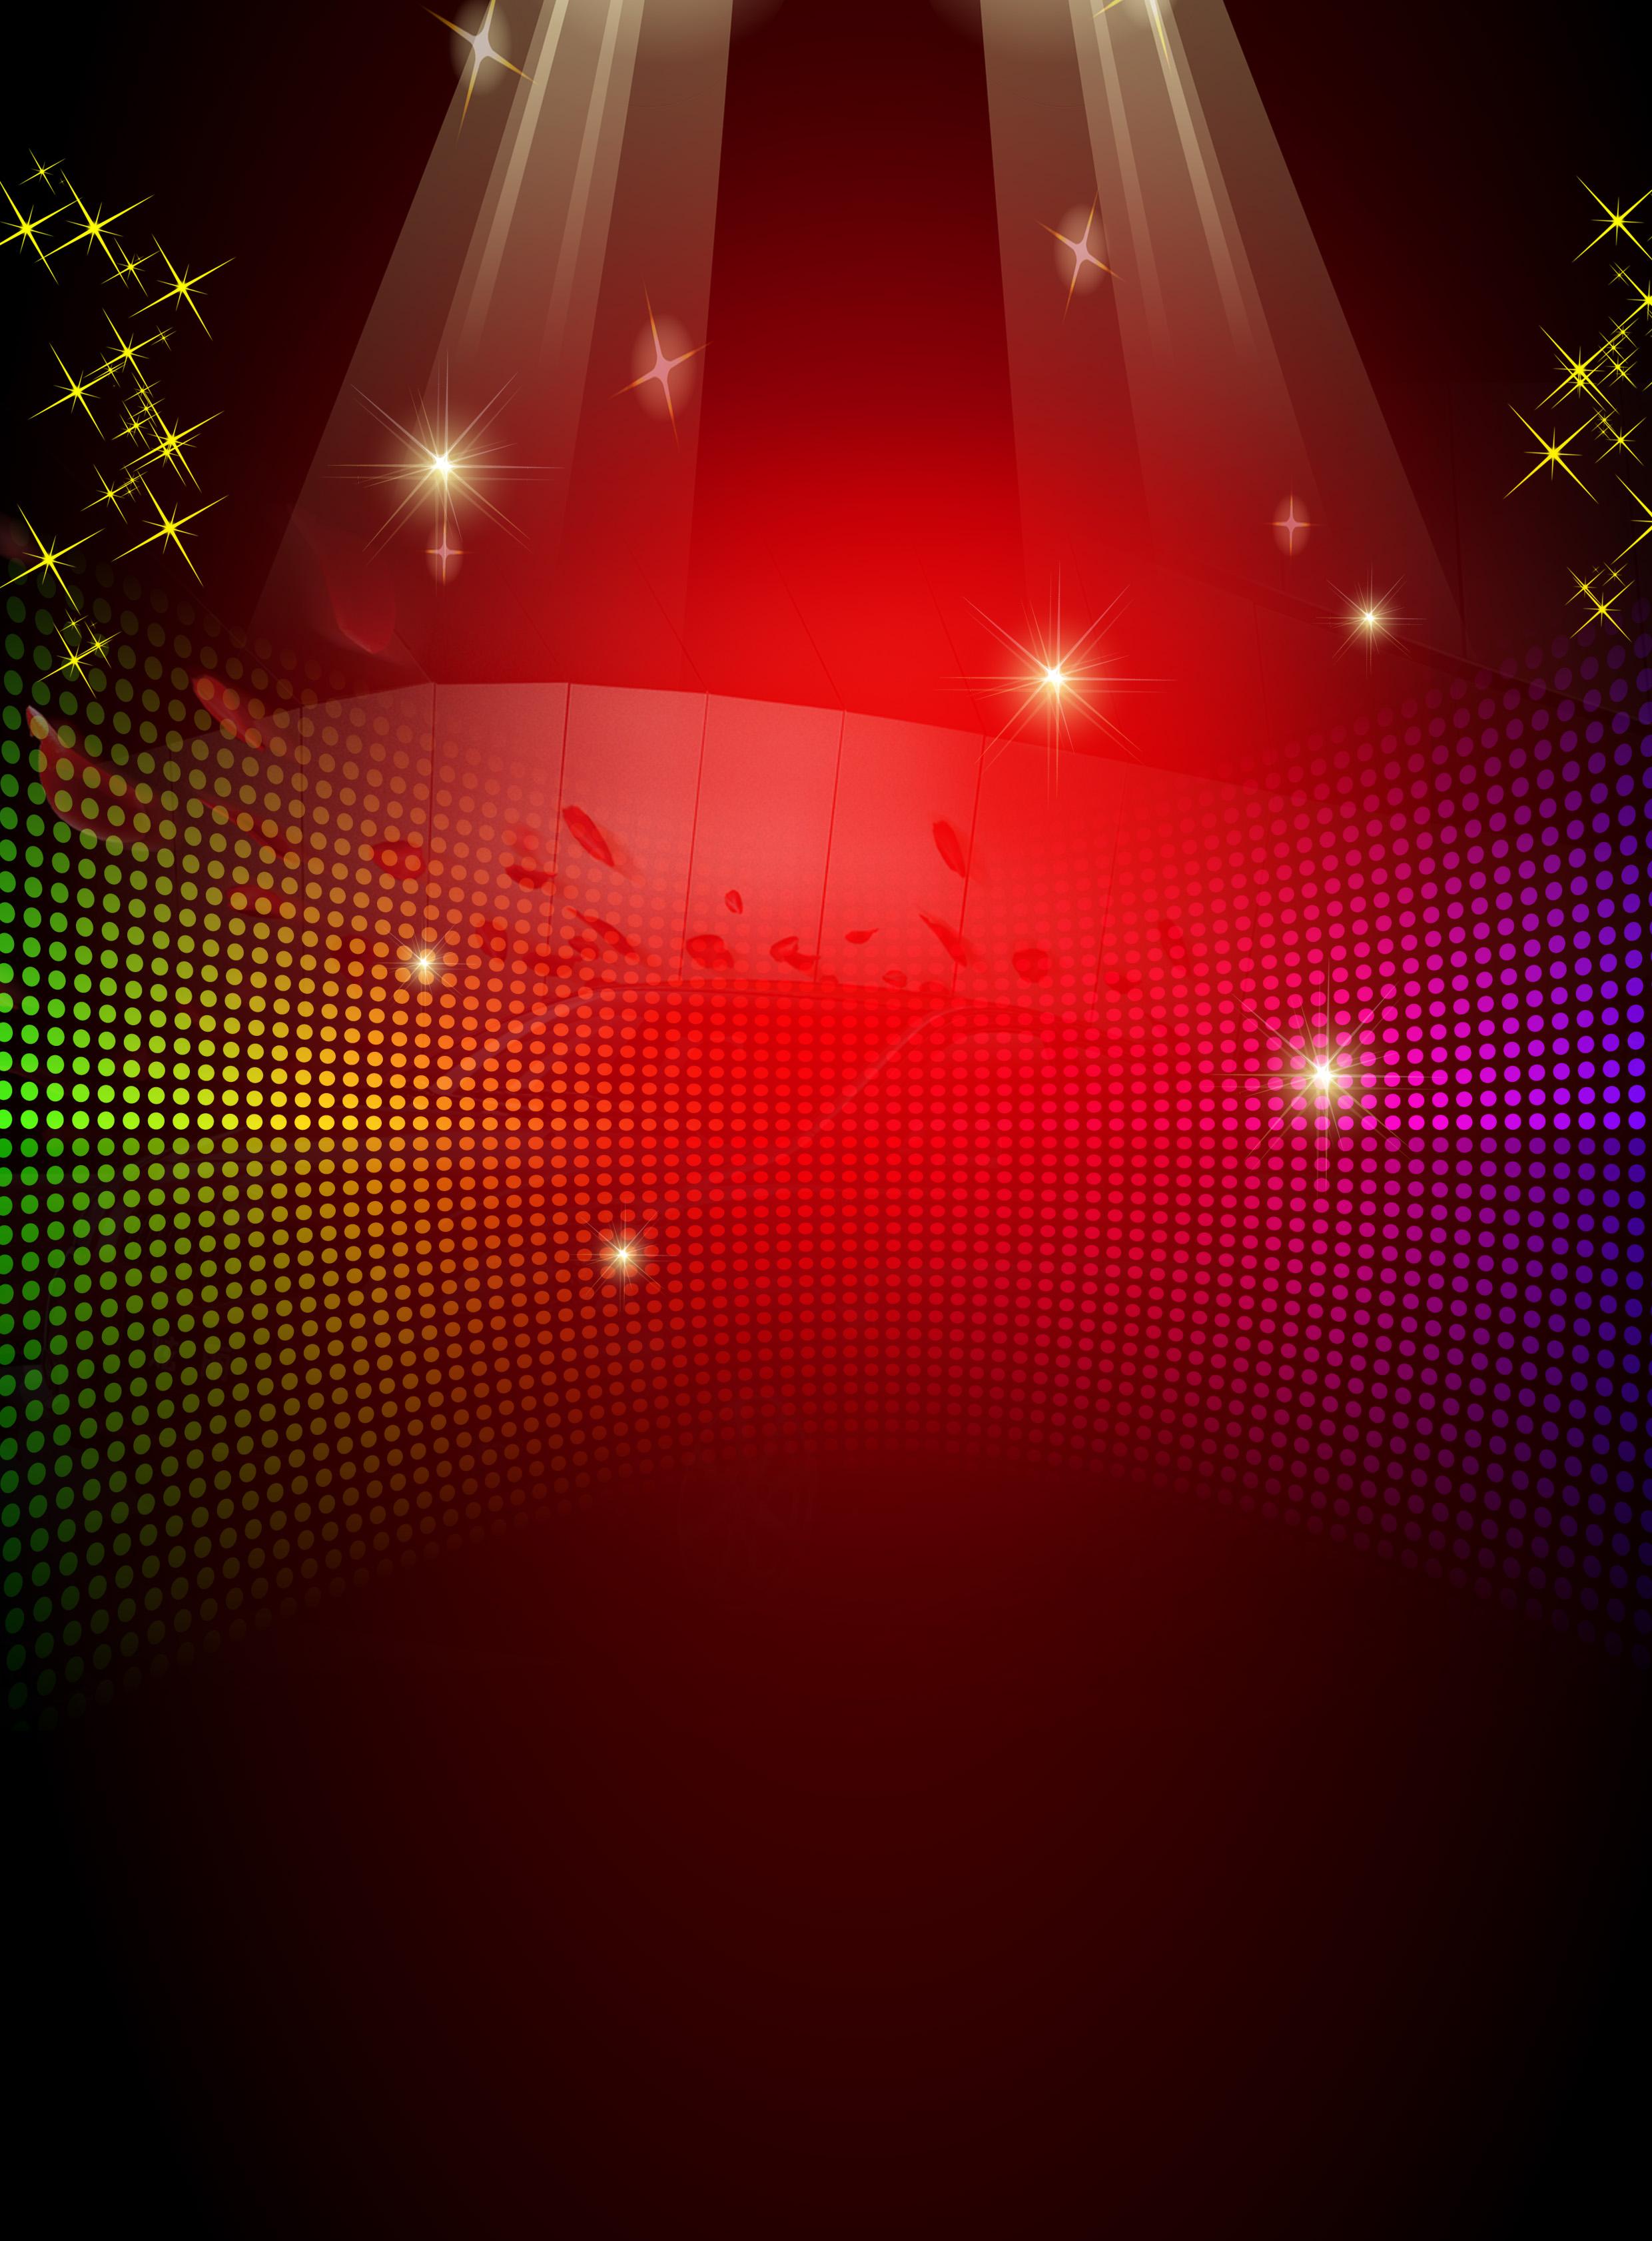 material de fundo de festa vermelho chamativo cartaz vermelho a luz brilhante imagem de plano de